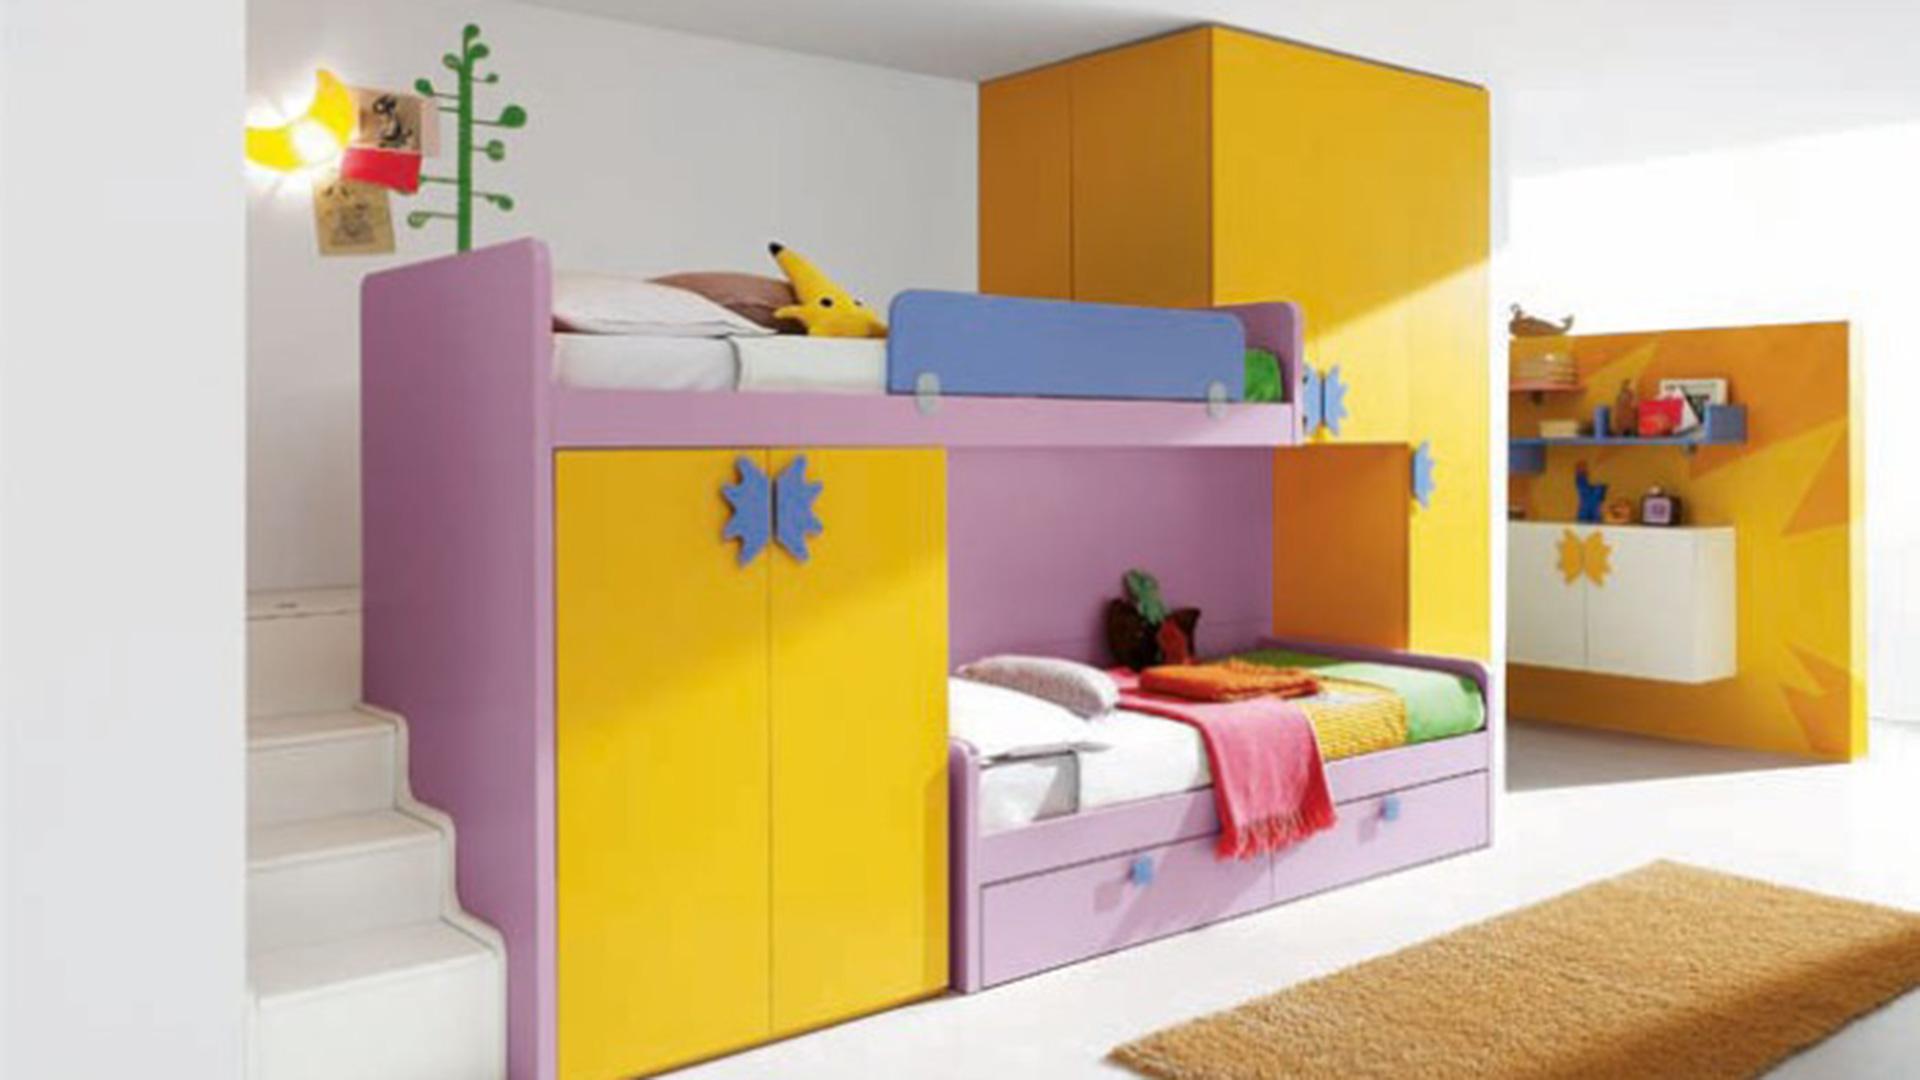 Arredamenti e idee per la casa.   arredamenti e forniture in ...